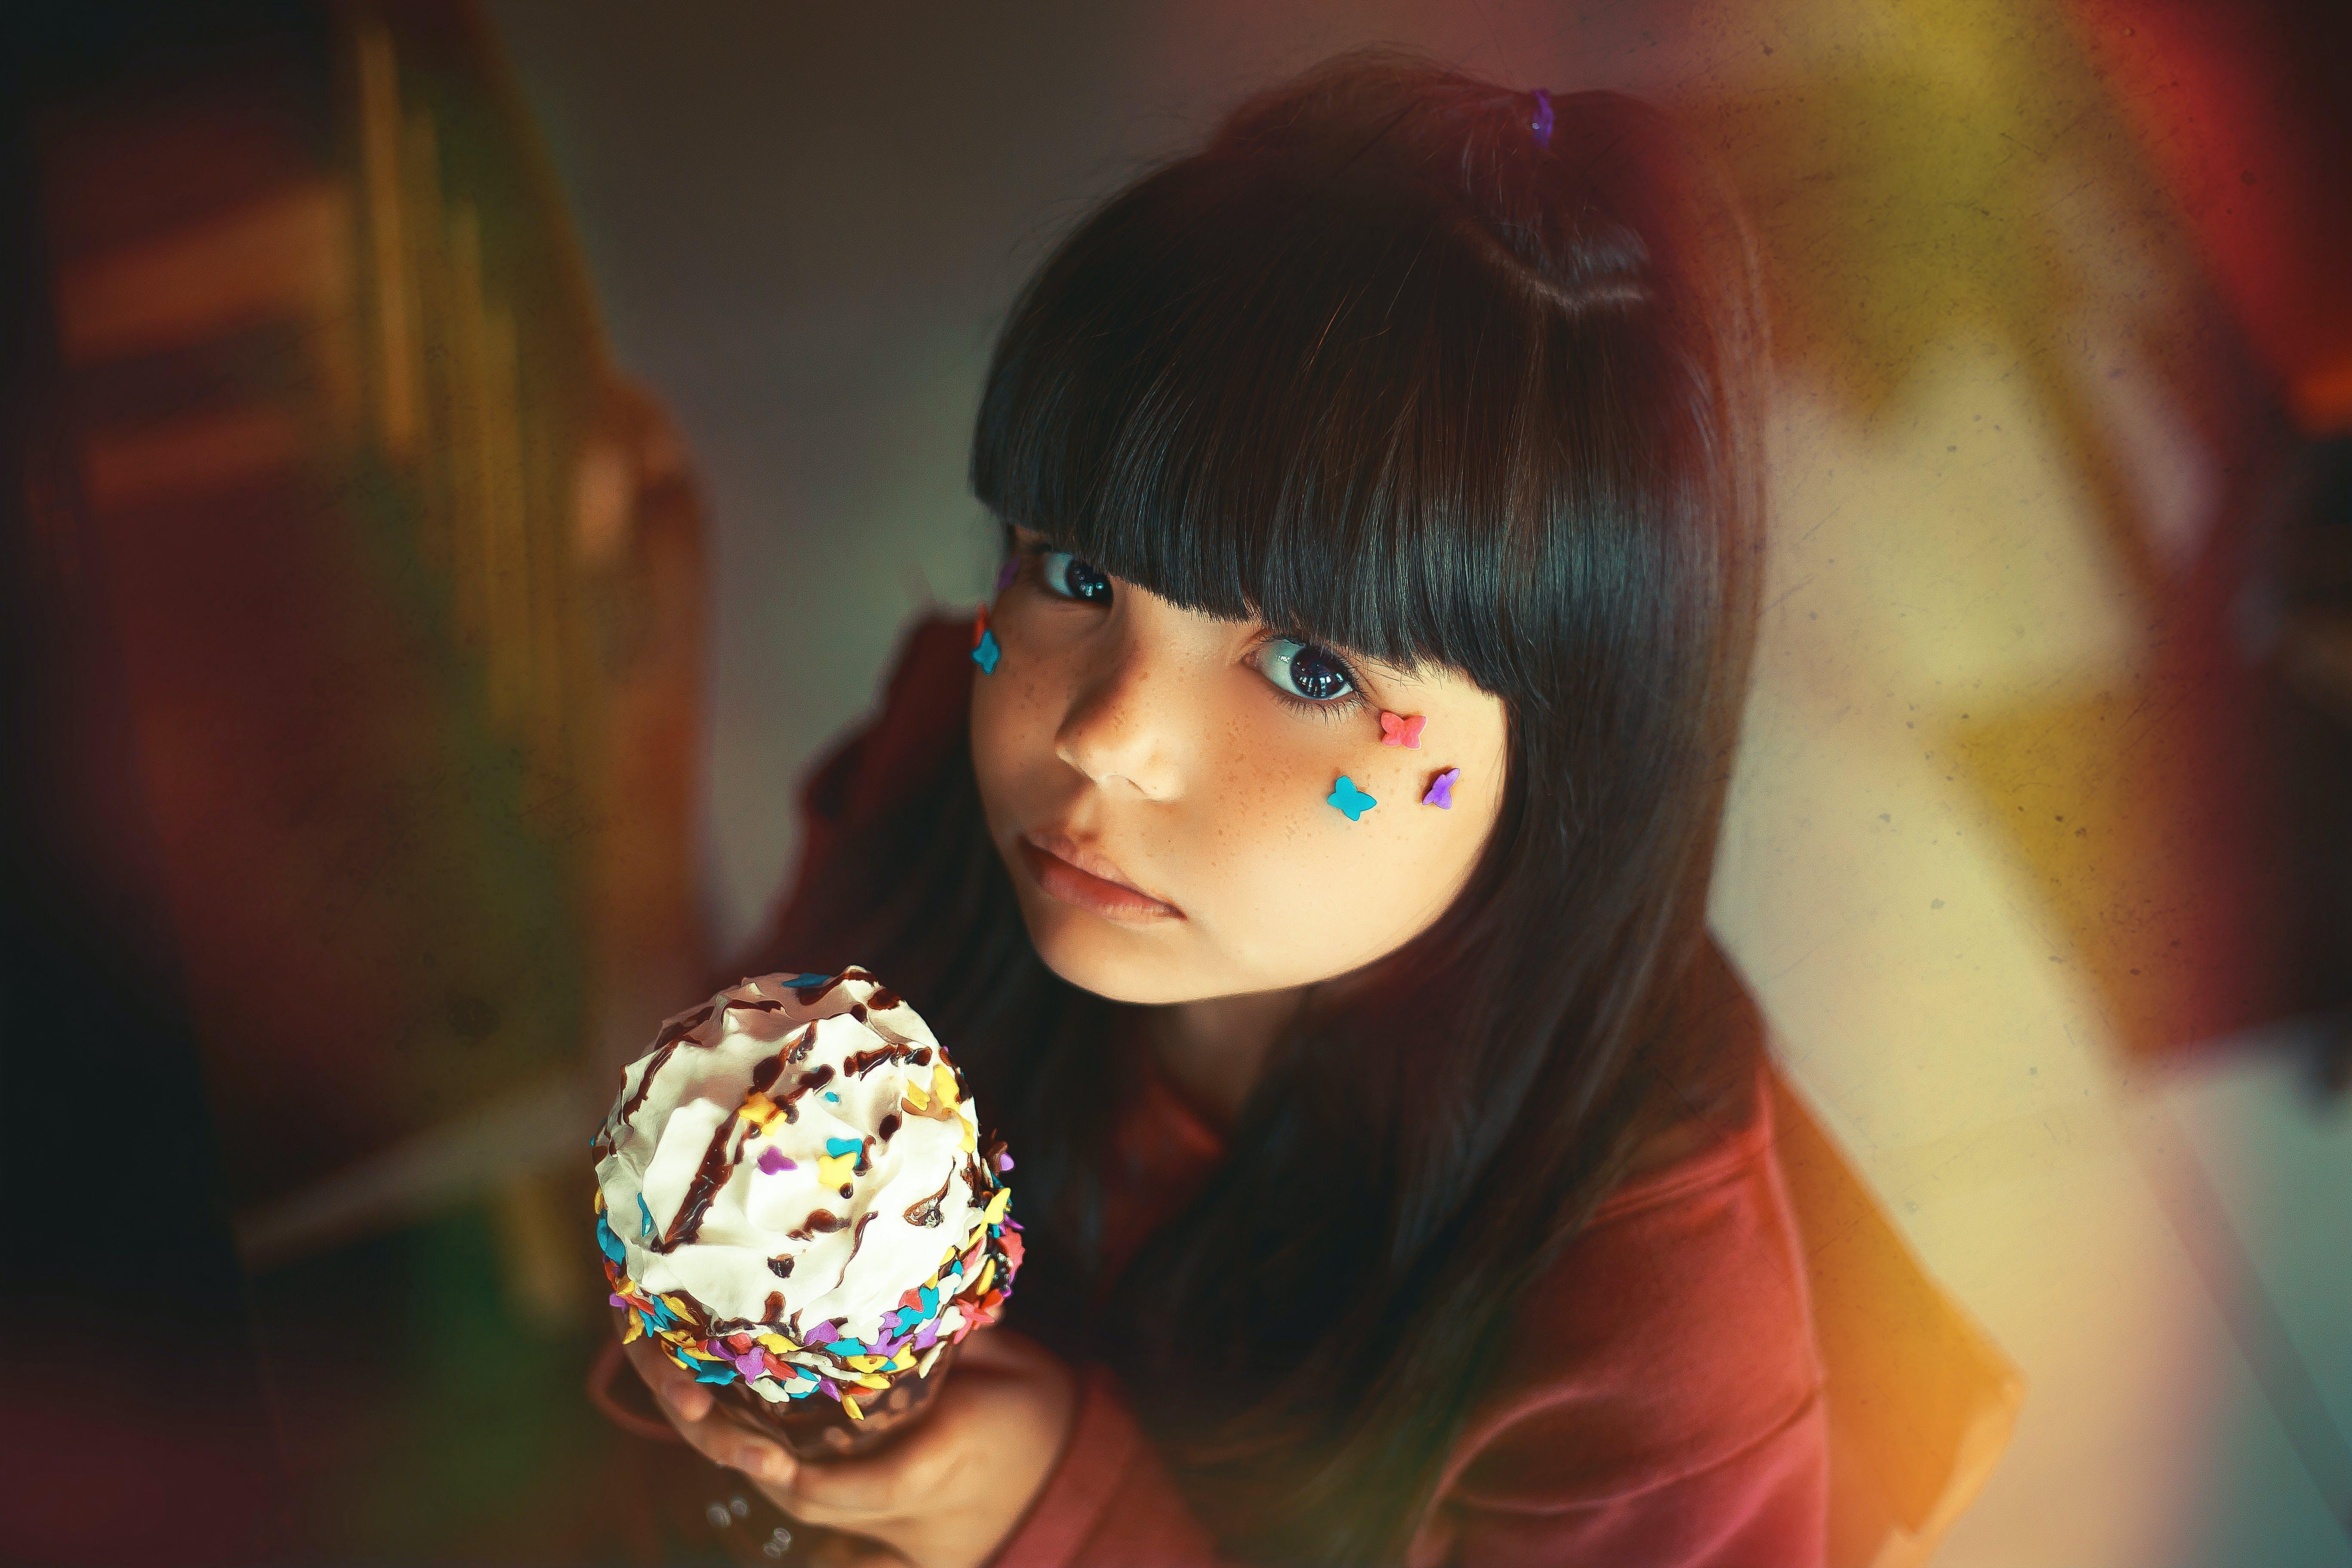 Kostenloses Stock Foto zu asiatisches kind, bezaubernd, gesichtsausdruck, hübsch